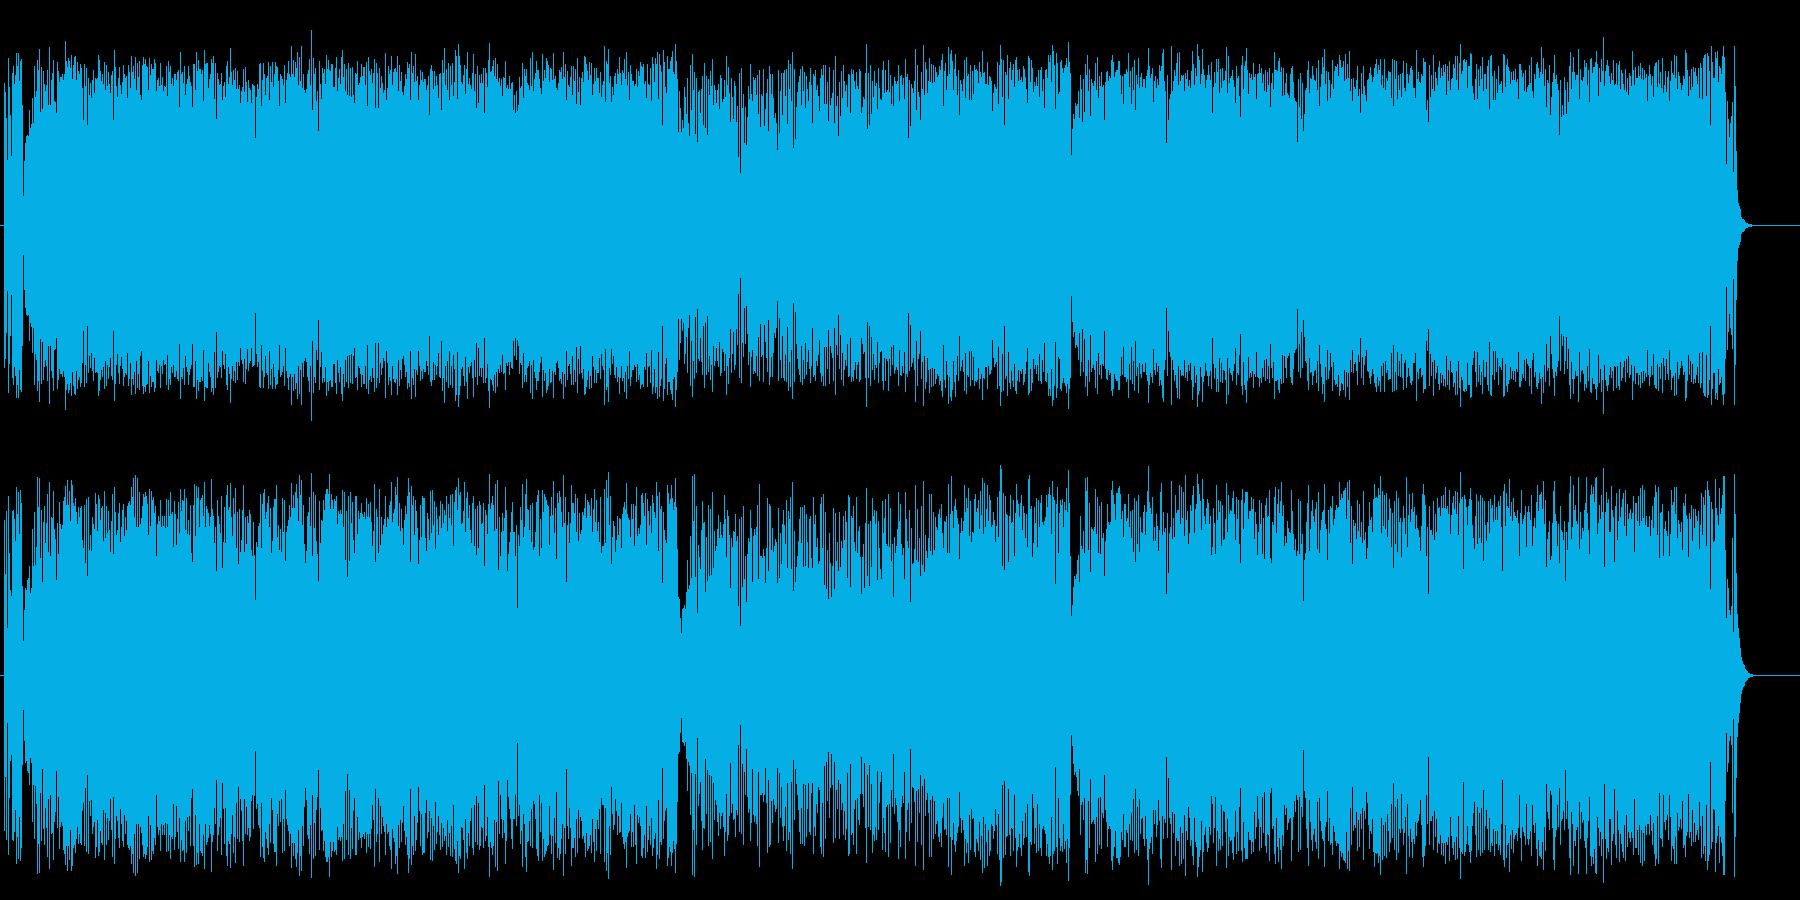 気持ちが弾む楽しいポップ/ファンクの再生済みの波形